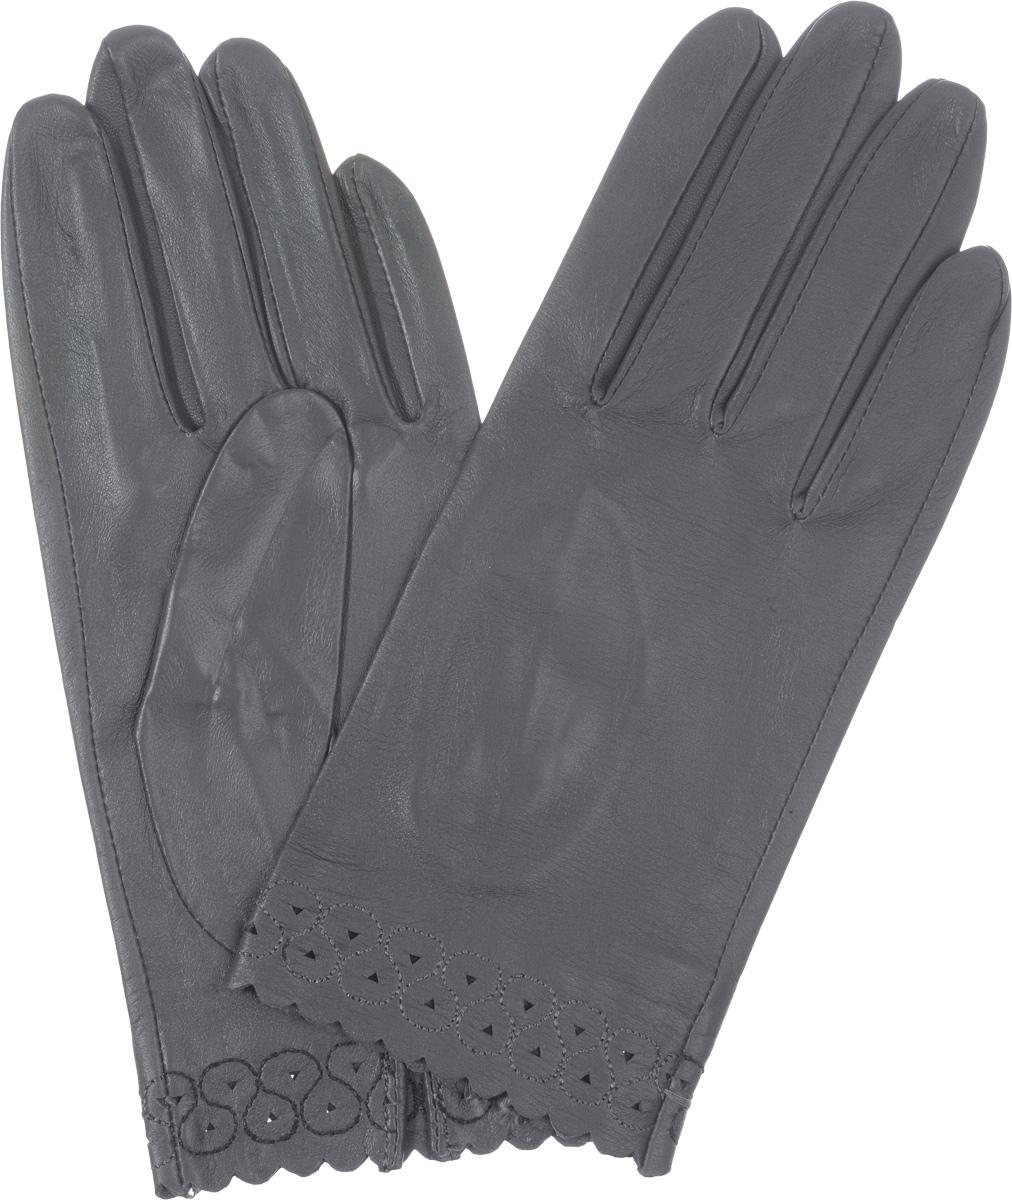 ПерчаткиIS807Стильные женские перчатки Eleganzza не только защитят ваши руки от холода, но и станут великолепным украшением. Они выполнены из мягкой и приятной на ощупь кожи ягненка. Манжеты декорированы перфорацией и декоративной строчкой. На ладонной стороне изделия имеется небольшой разрез. Такие перчатки станут идеальным аксессуаром, дополняющим ваш стиль и неповторимость.